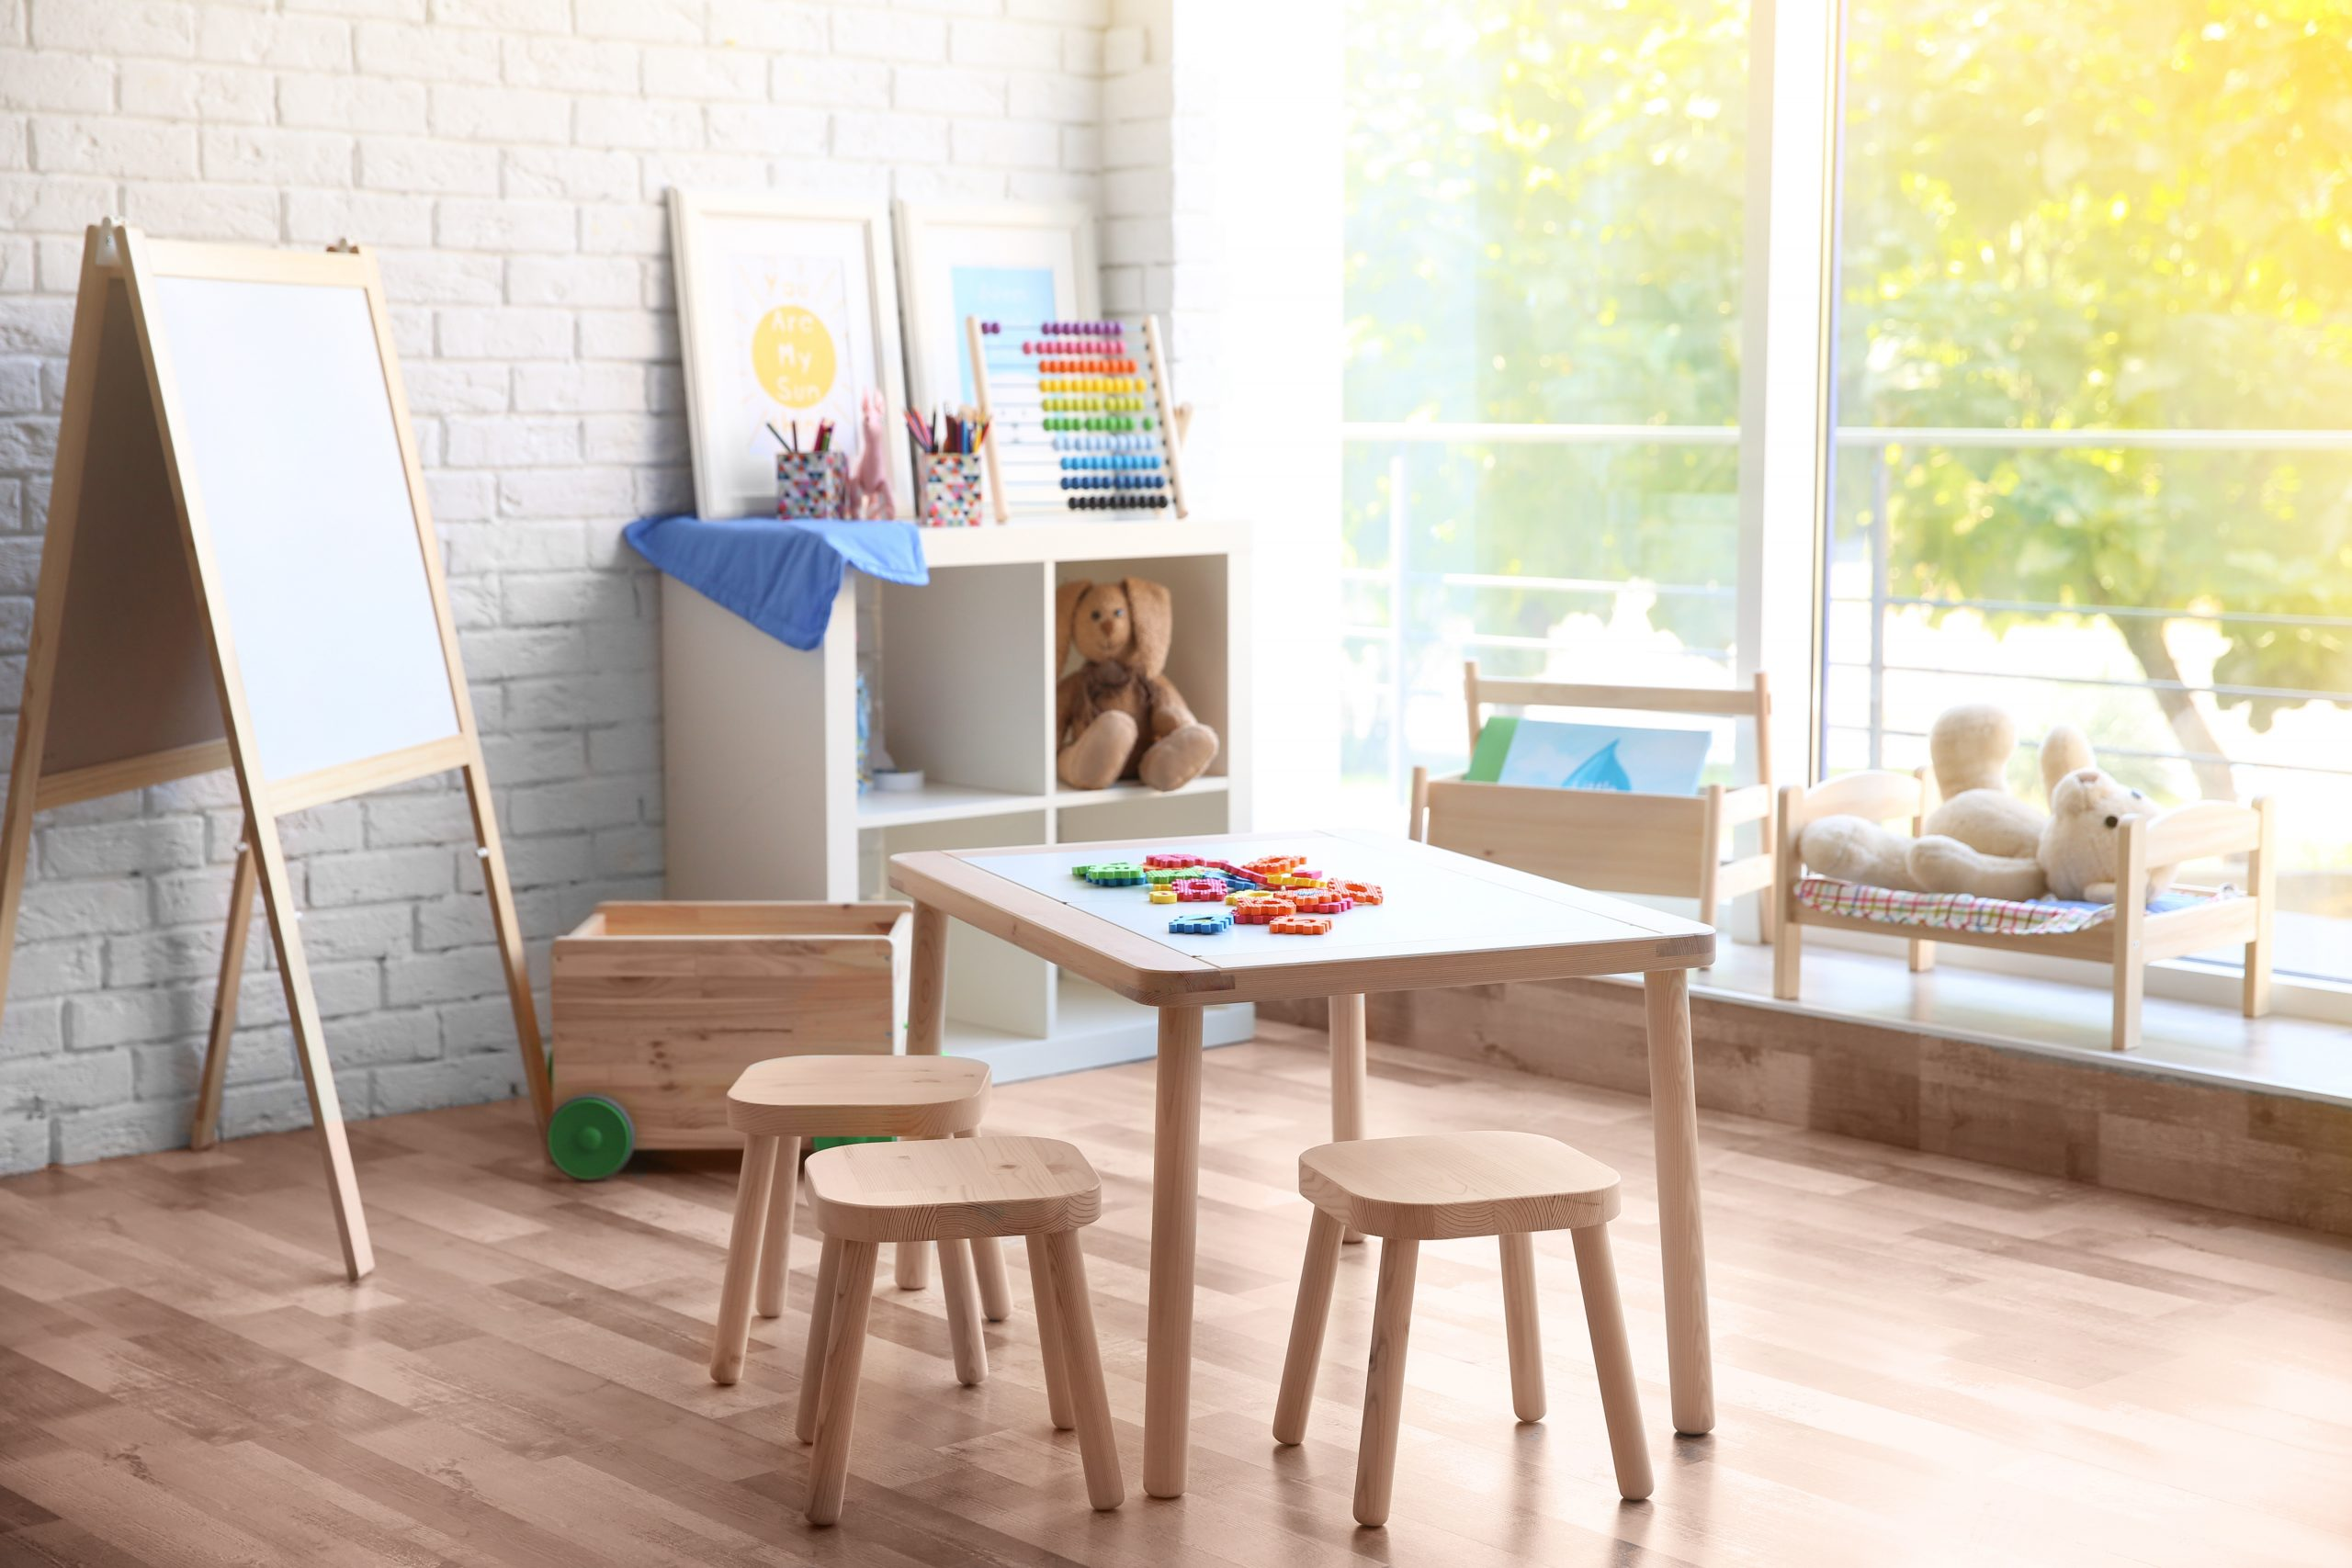 importância do brincar, atividades e jogos terapêuticos ou pedagógicos, desenvolvimento infantil